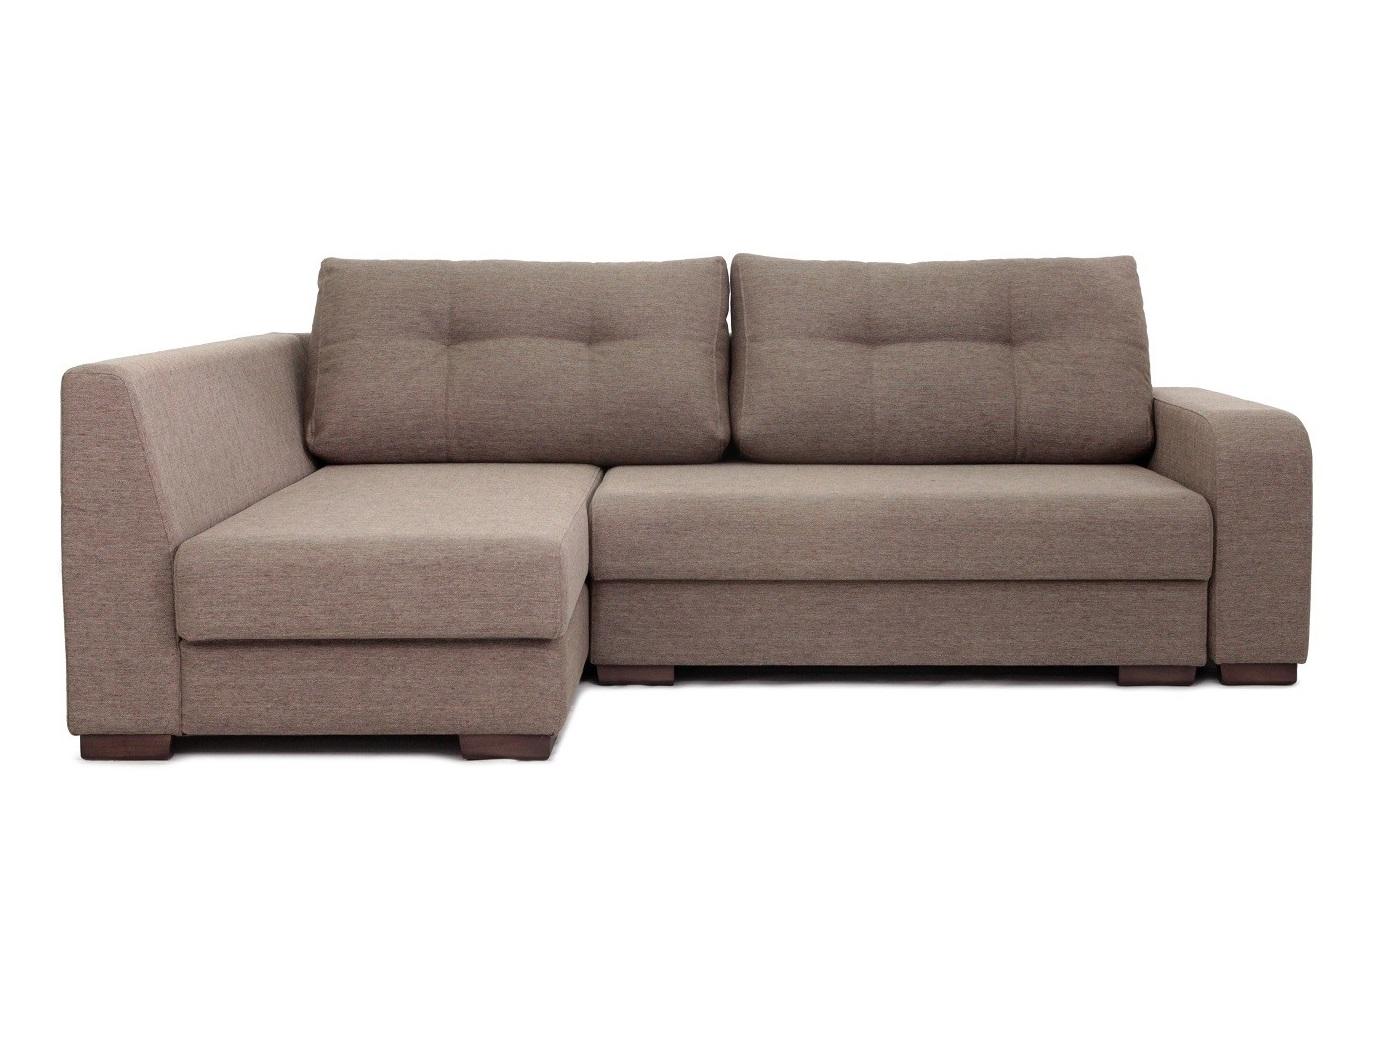 Диван ХилтонУгловые раскладные диваны<br>Угловой диван &amp;quot;Хилтон&amp;quot; - это модель европейского стиля как для комфортного сидения, так и для сна на каждый день! Он будет украшением гостиной и предметом повседневного использования, сохраняя качество и первозданный вид на долгие годы. Он сочетает в себе несовместимые на первый взгляд вещи - небольшие размеры и все плюсы полноценного углового дивана - надежное и удобное спальное место и вместительный ламинированный бельевой ящик обеспечивающий сохранность и чистоту белья, а также возможность влажной уборки.&amp;lt;div&amp;gt;&amp;lt;br&amp;gt;&amp;lt;/div&amp;gt;&amp;lt;div&amp;gt;Размеры спального места 205х150 см.&amp;lt;/div&amp;gt;&amp;lt;div&amp;gt;Механизм раскладывания в одно движение - &amp;quot;Пума&amp;quot;.&amp;amp;nbsp;&amp;lt;/div&amp;gt;&amp;lt;div&amp;gt;Декоративные подушки в комплект не входят.&amp;amp;nbsp;&amp;lt;/div&amp;gt;&amp;lt;div&amp;gt;Большой выбор обивочных тканей (подробности уточняйте у менеджера).&amp;lt;/div&amp;gt;<br><br>Material: Текстиль<br>Ширина см: 250<br>Высота см: 85<br>Глубина см: 173